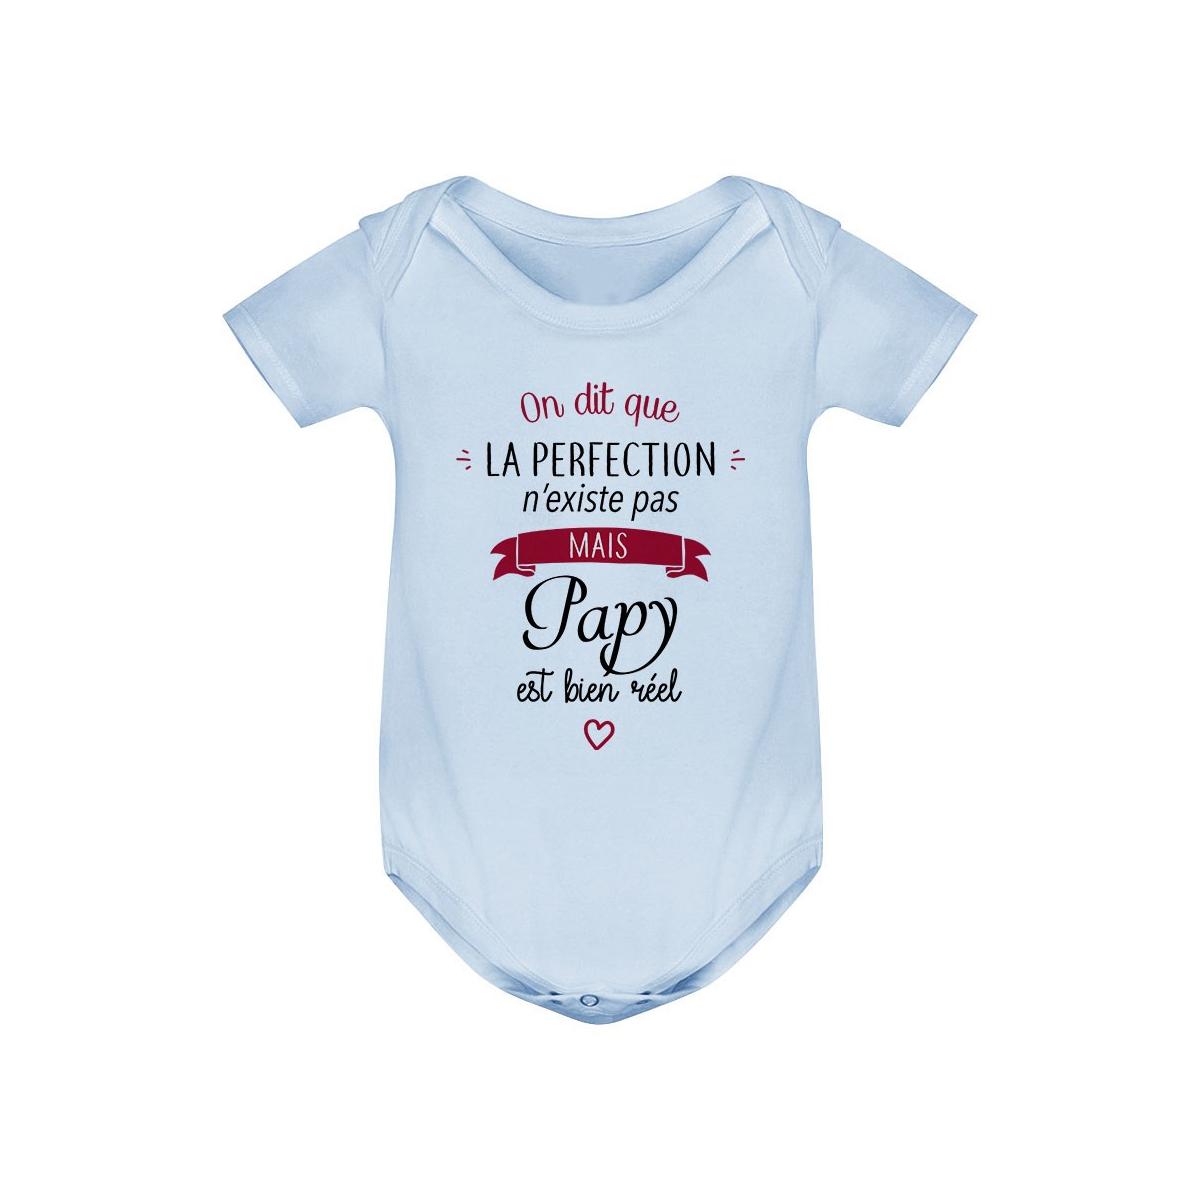 Body bébé Perfection - Papy